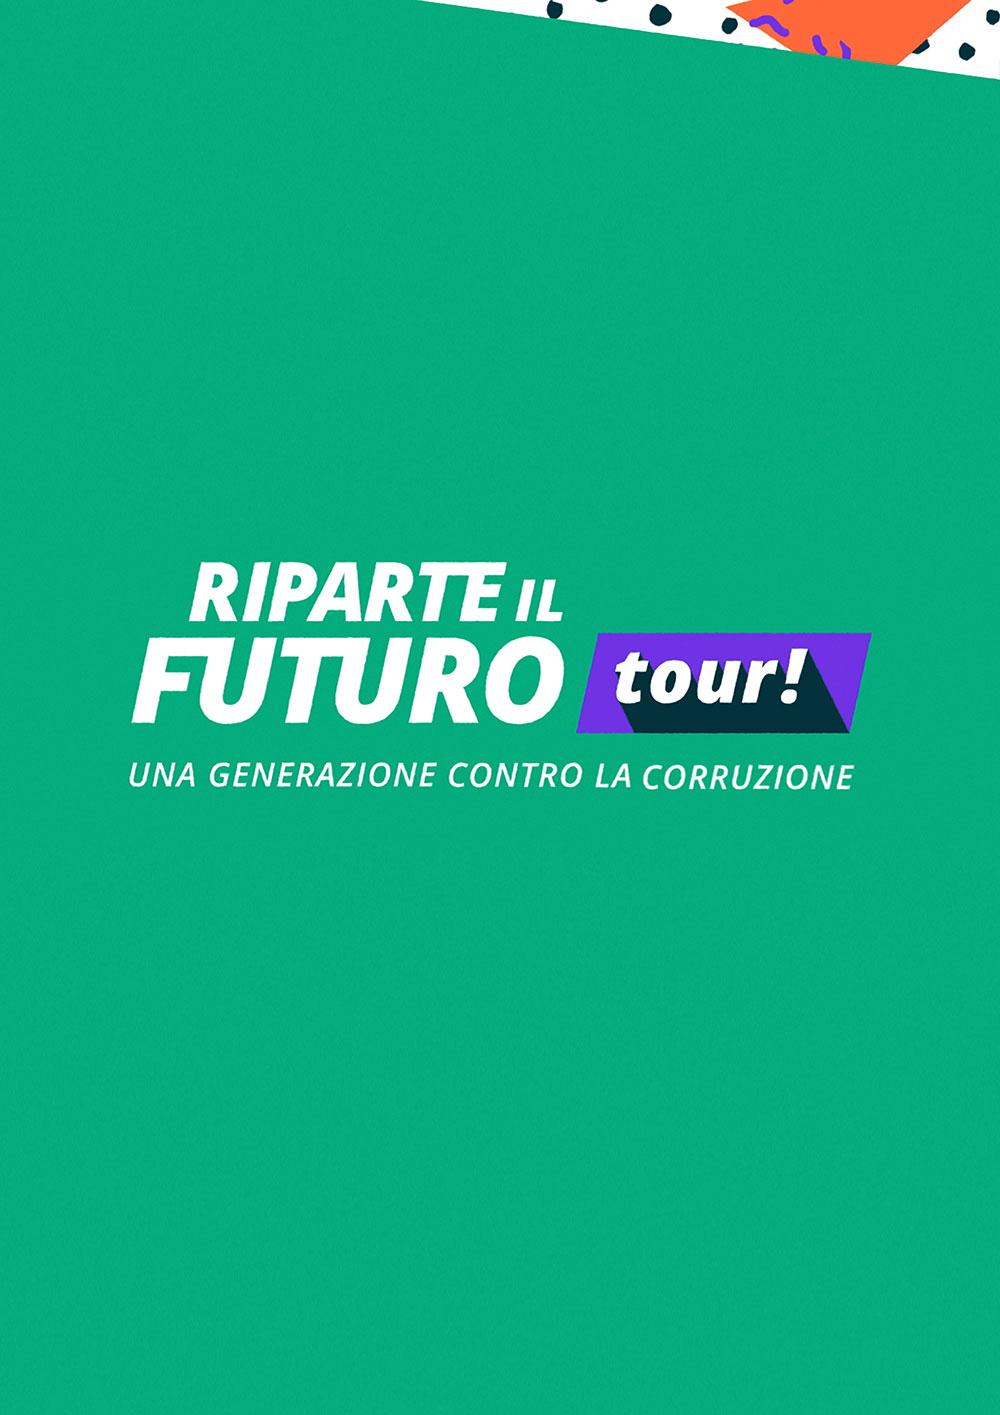 RIPARTE IL FUTURO TOUR